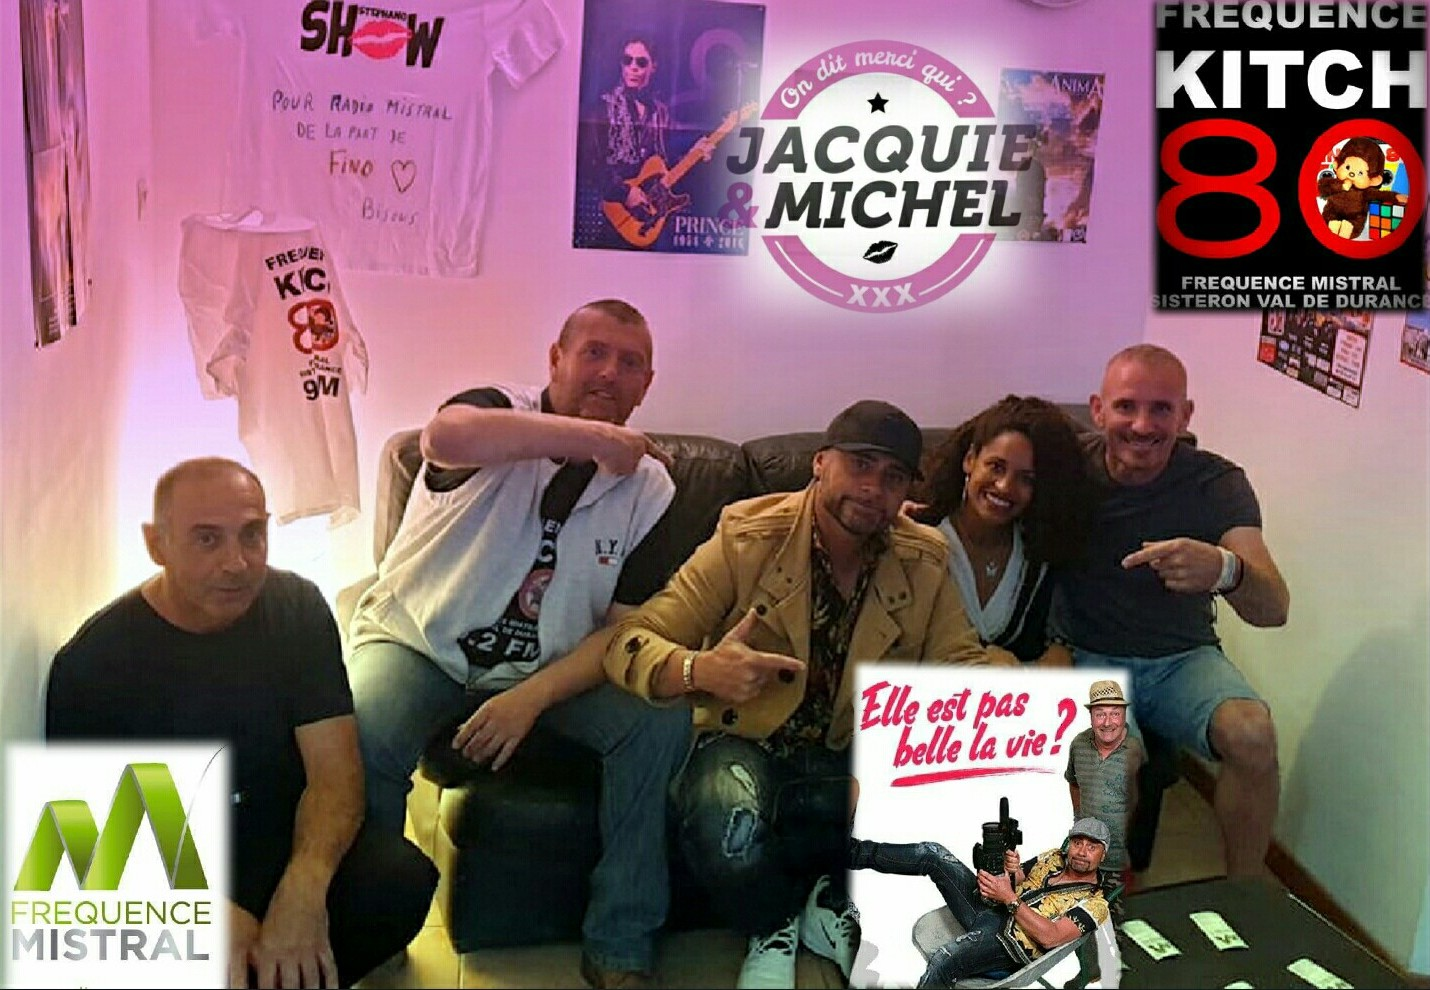 Fréquence Kitch avec Fino de Jacquie et Michel en live : l'émission !